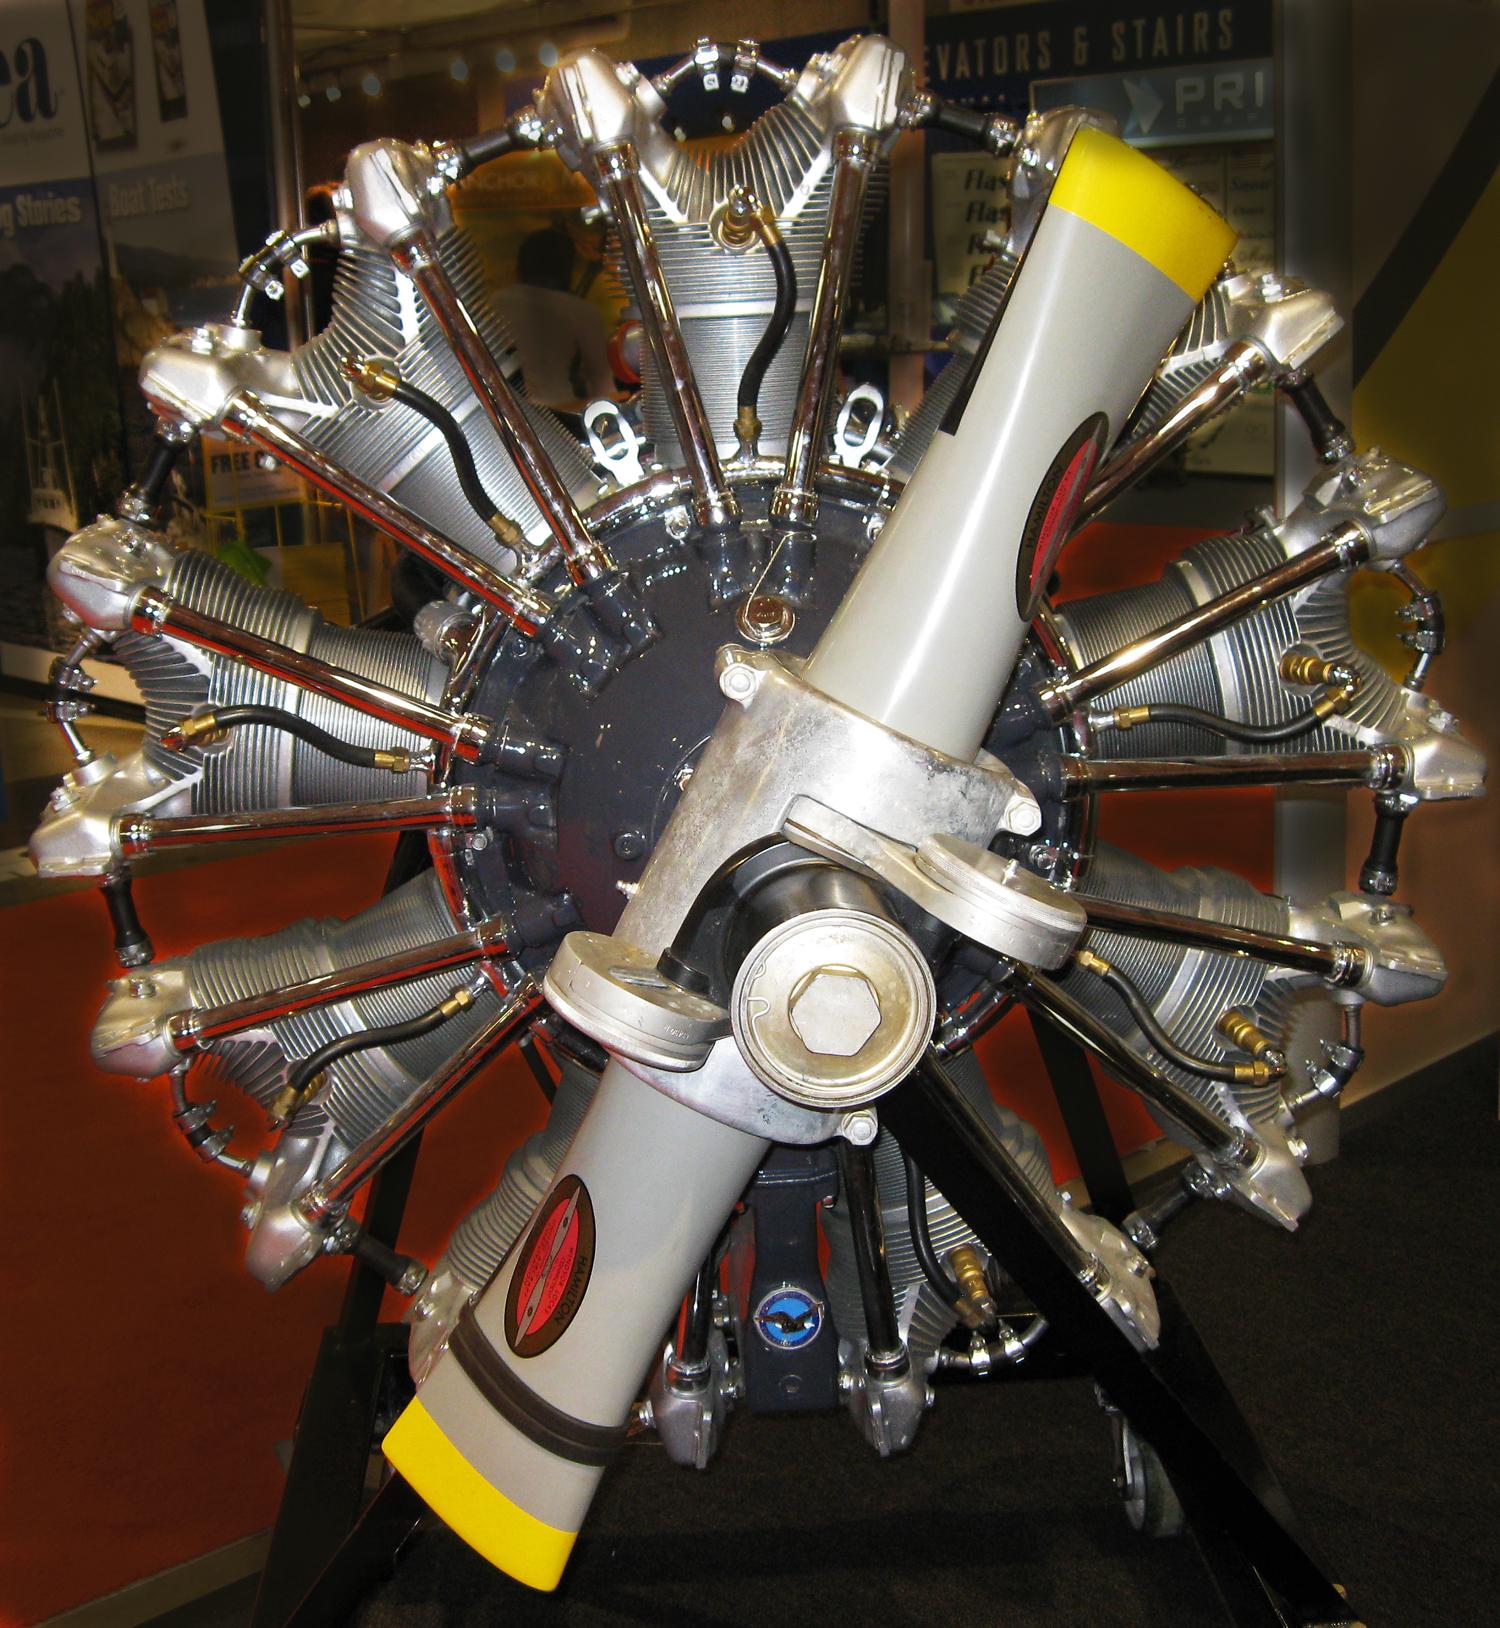 Nine cylinder radial engine.